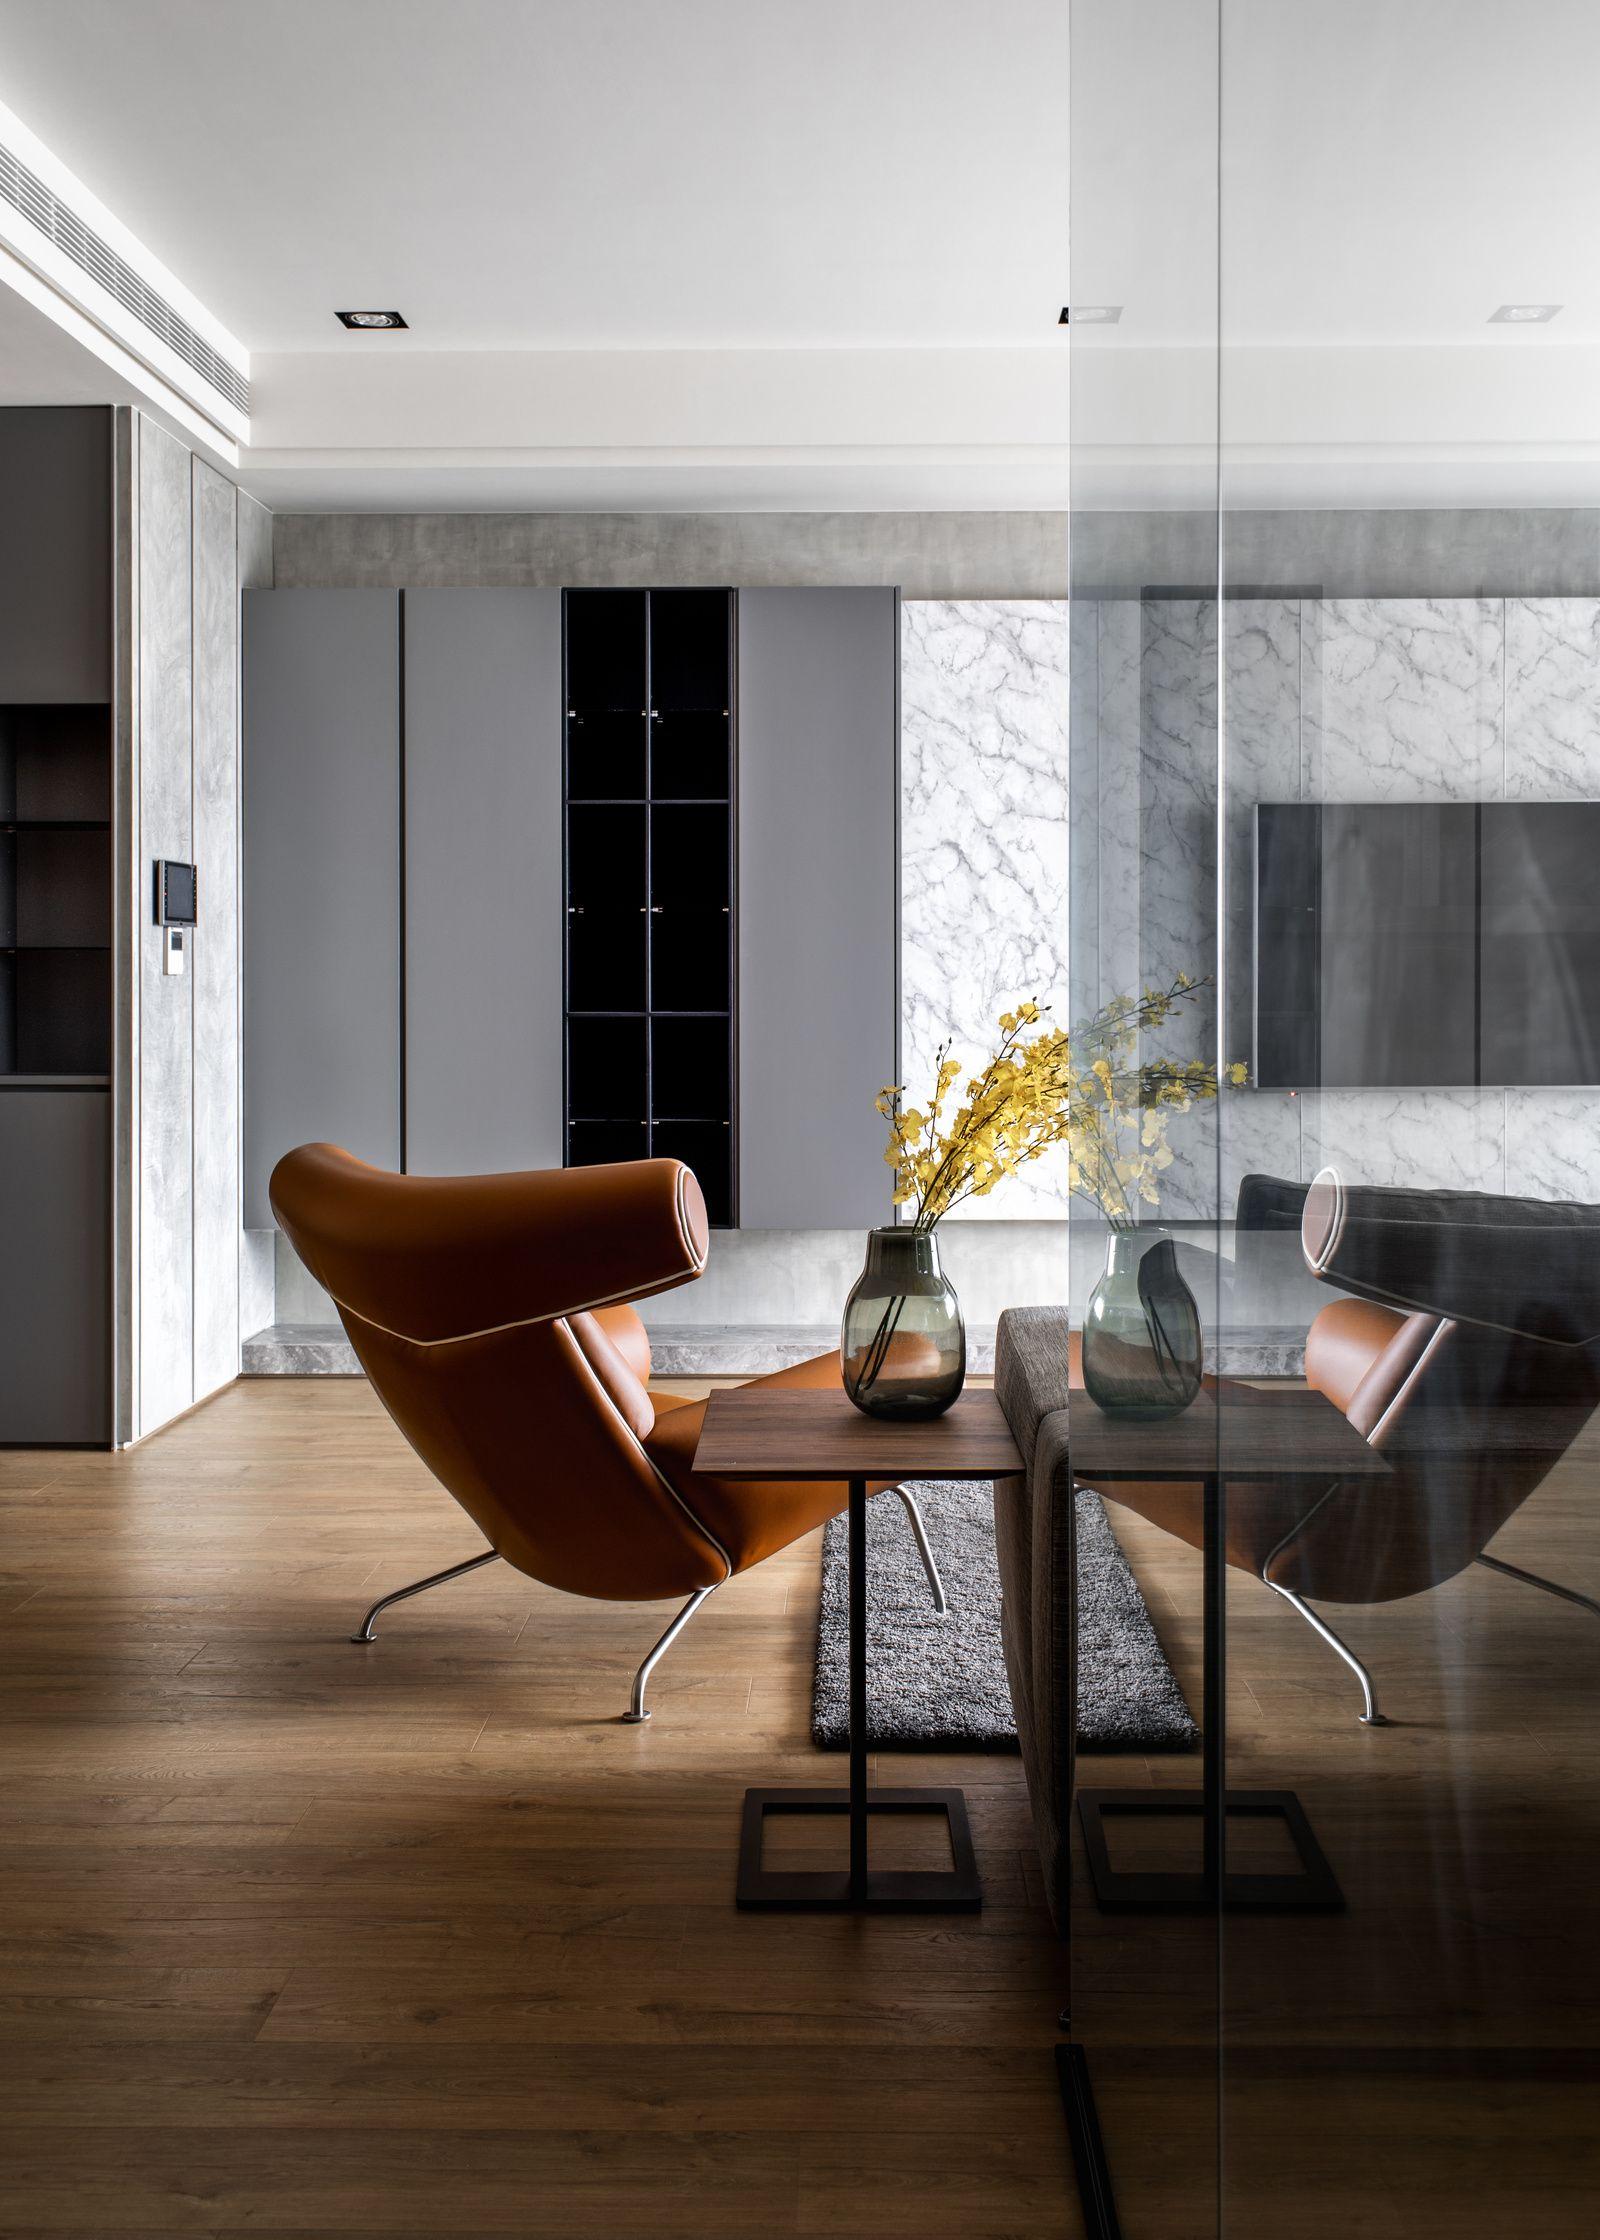 上閑悅吳宅 WELL GAIN DESIGN 維耕設計 Living room design